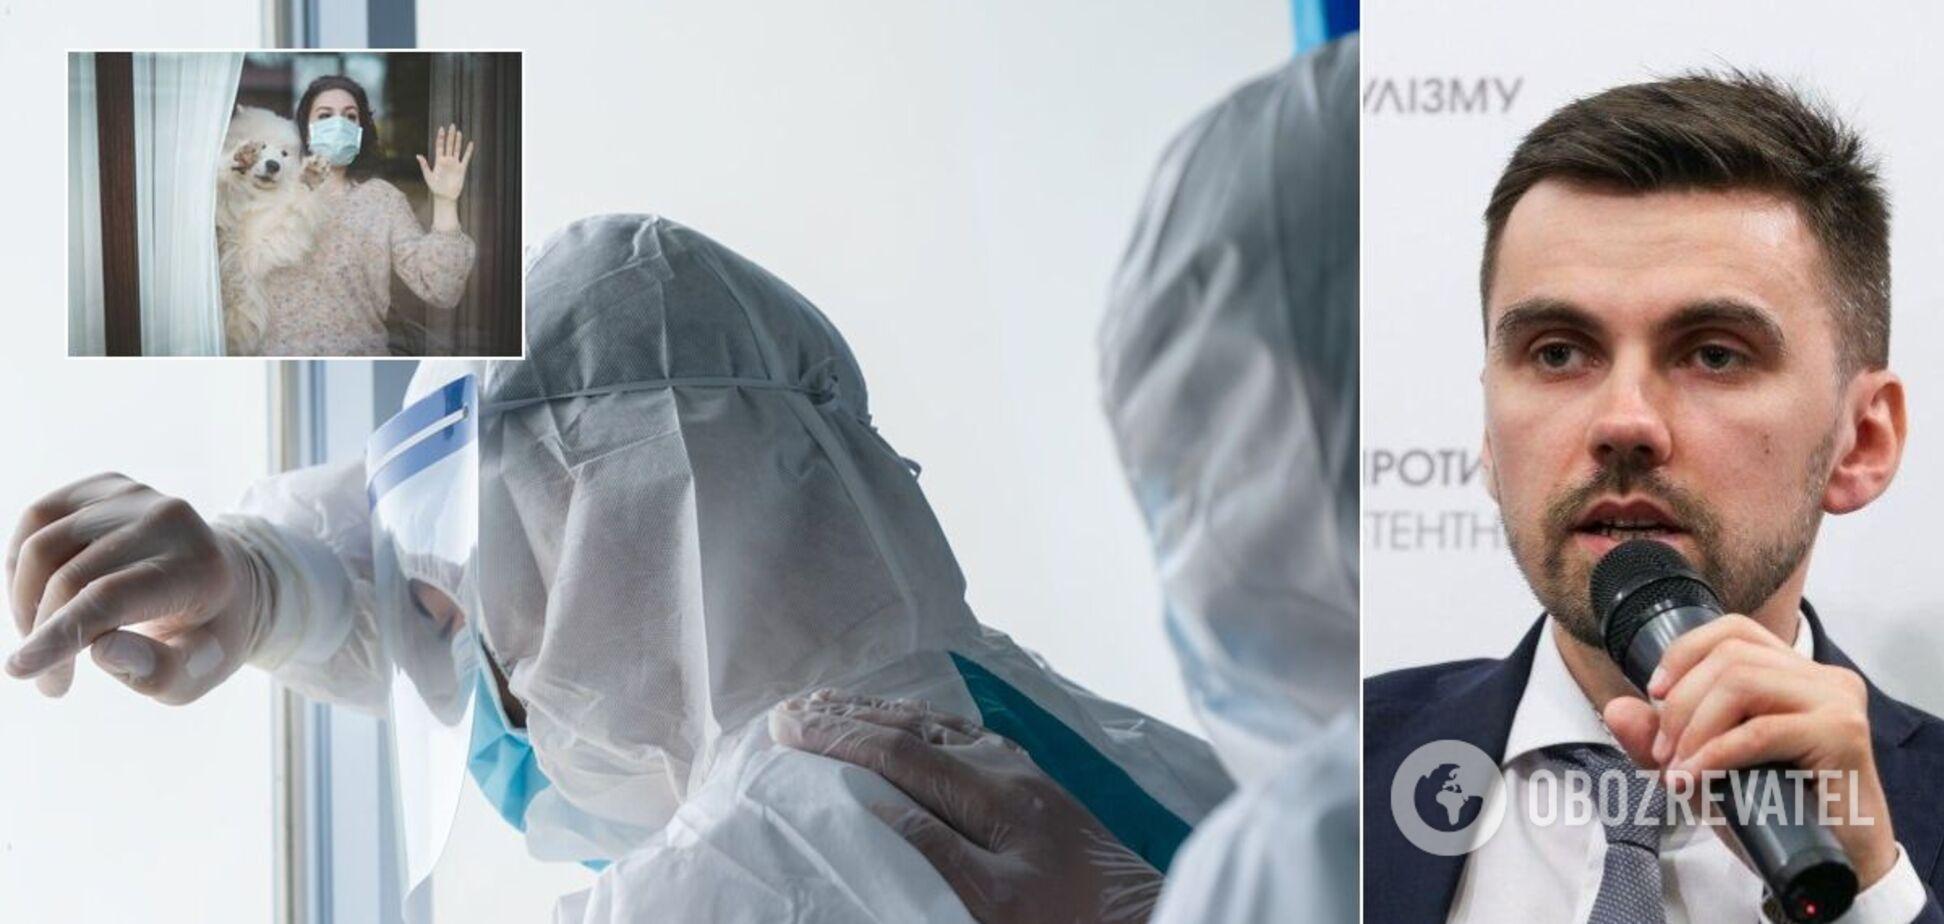 Количество жертв COVID-19 достигнет 20 тысяч, люди будут умирать дома, – экс-замглавы Минздрава